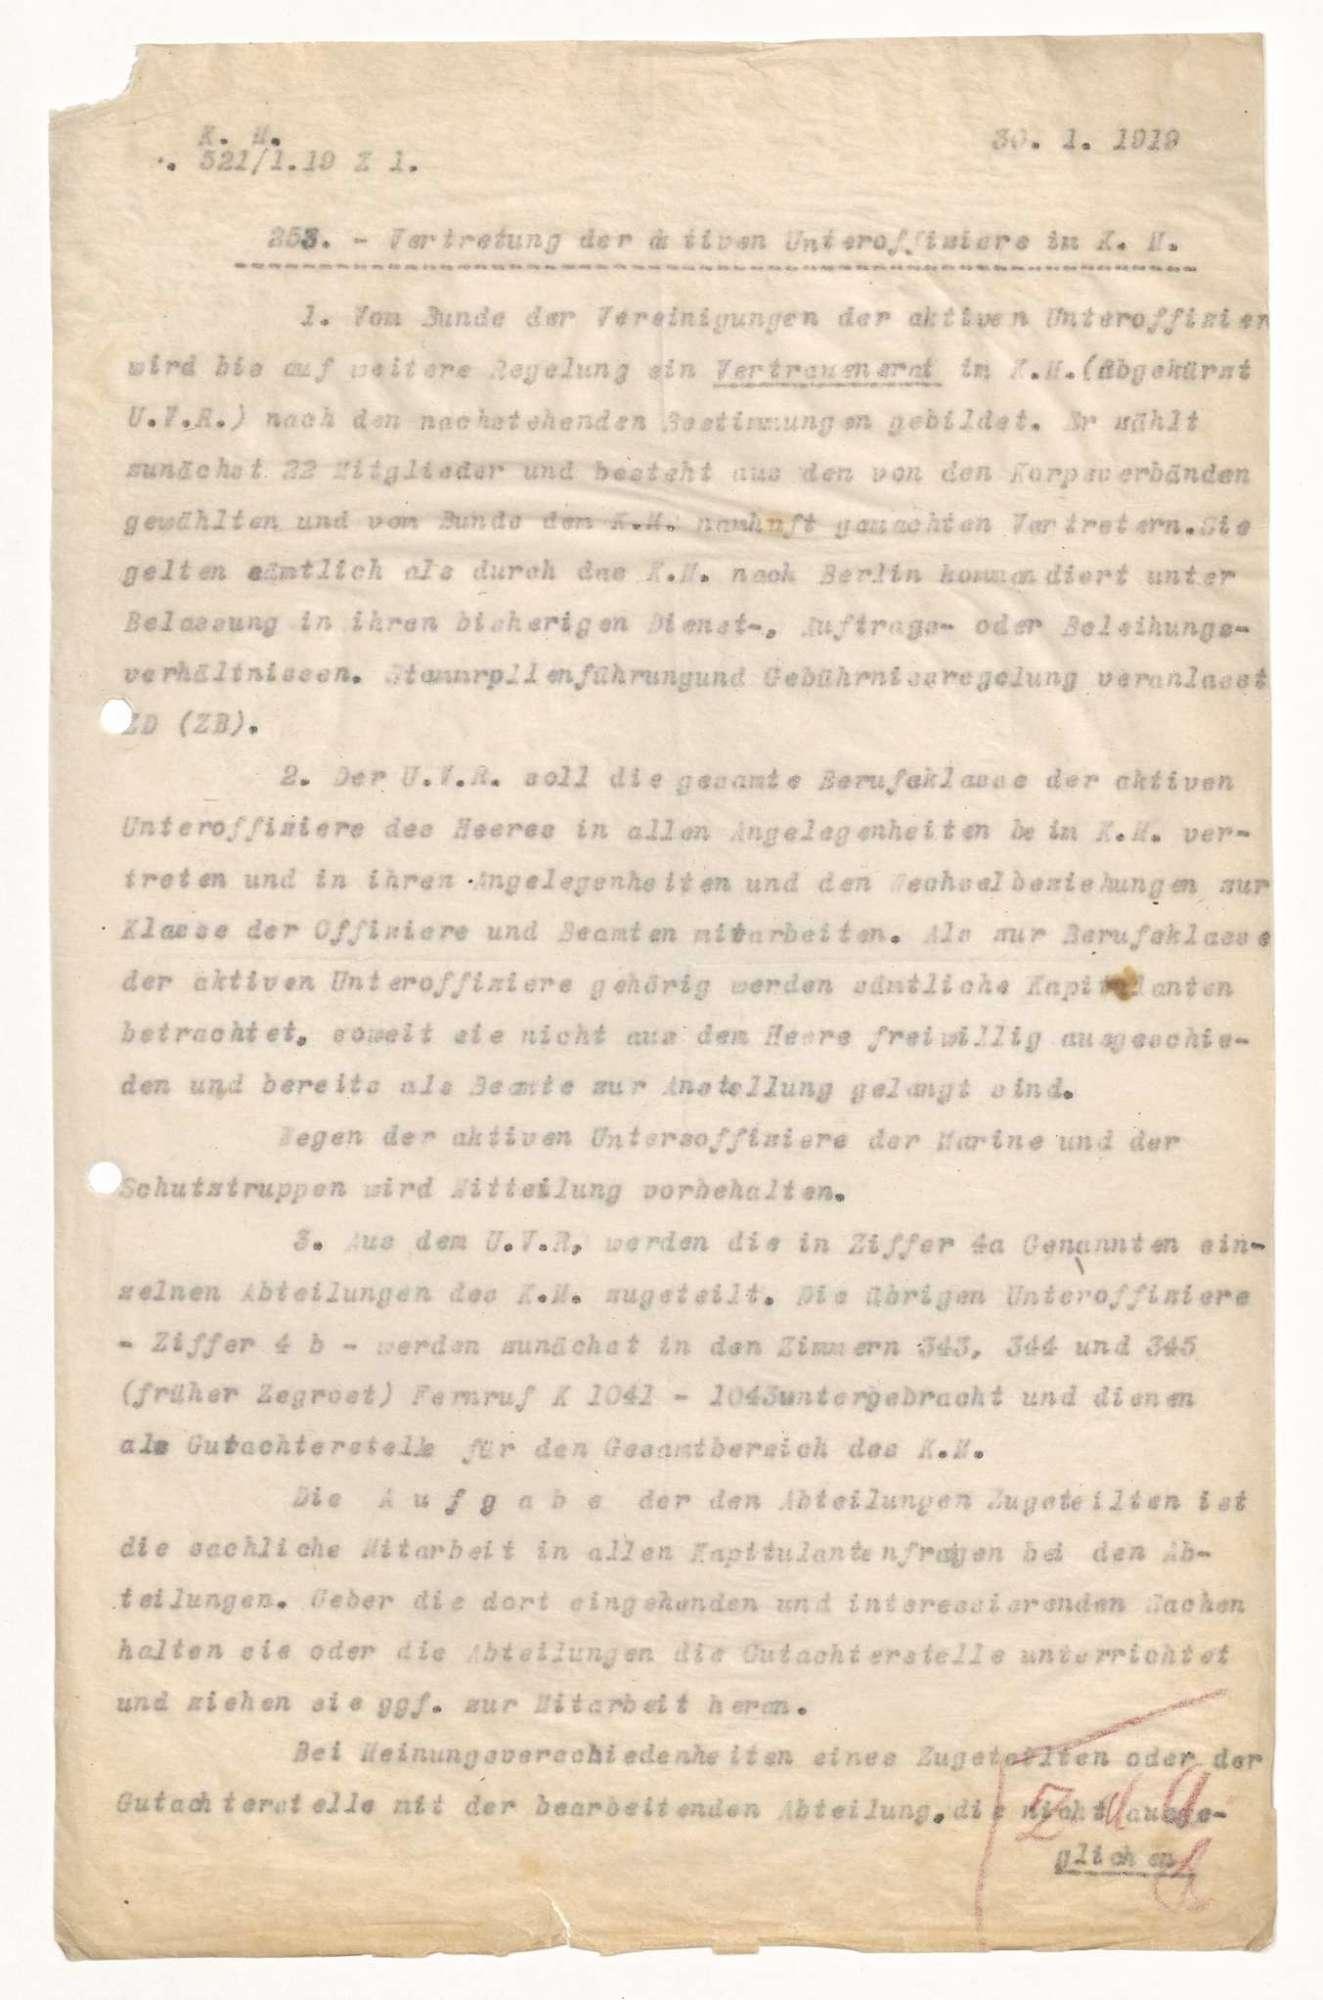 Kompetenzen des Vertrauensrates der aktiven Unteroffiziere im Preußischen Kriegsministerium, Bild 1